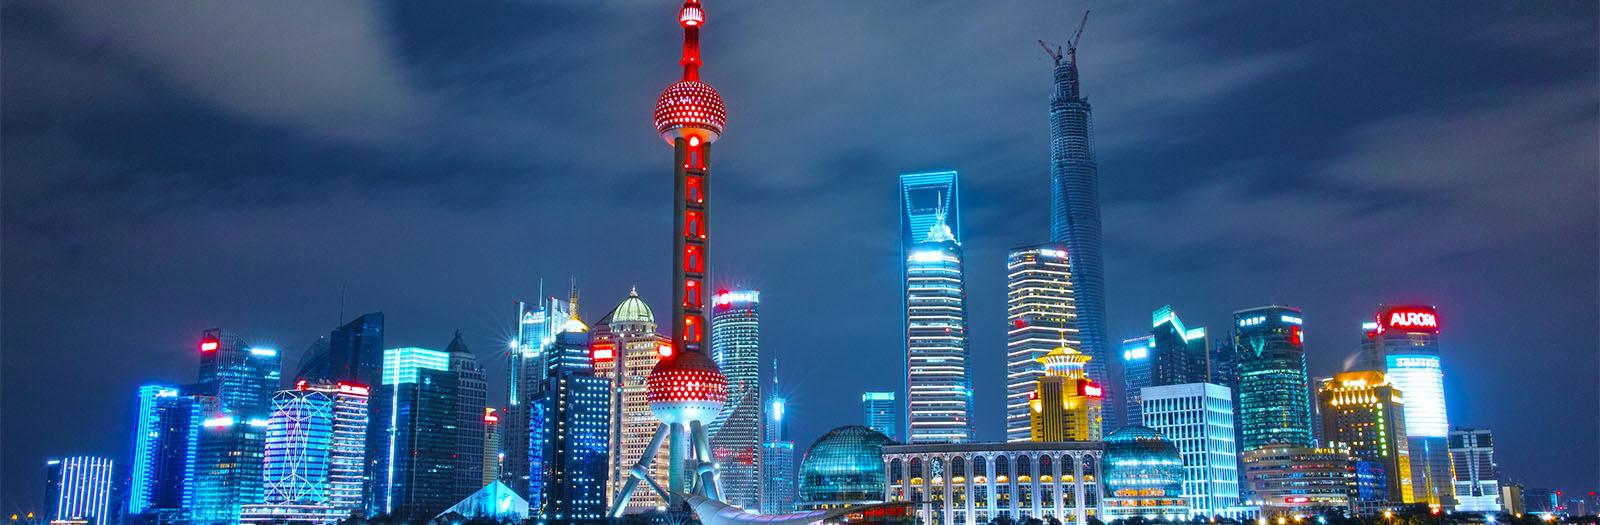 downtown Wai Tan, Shanghai